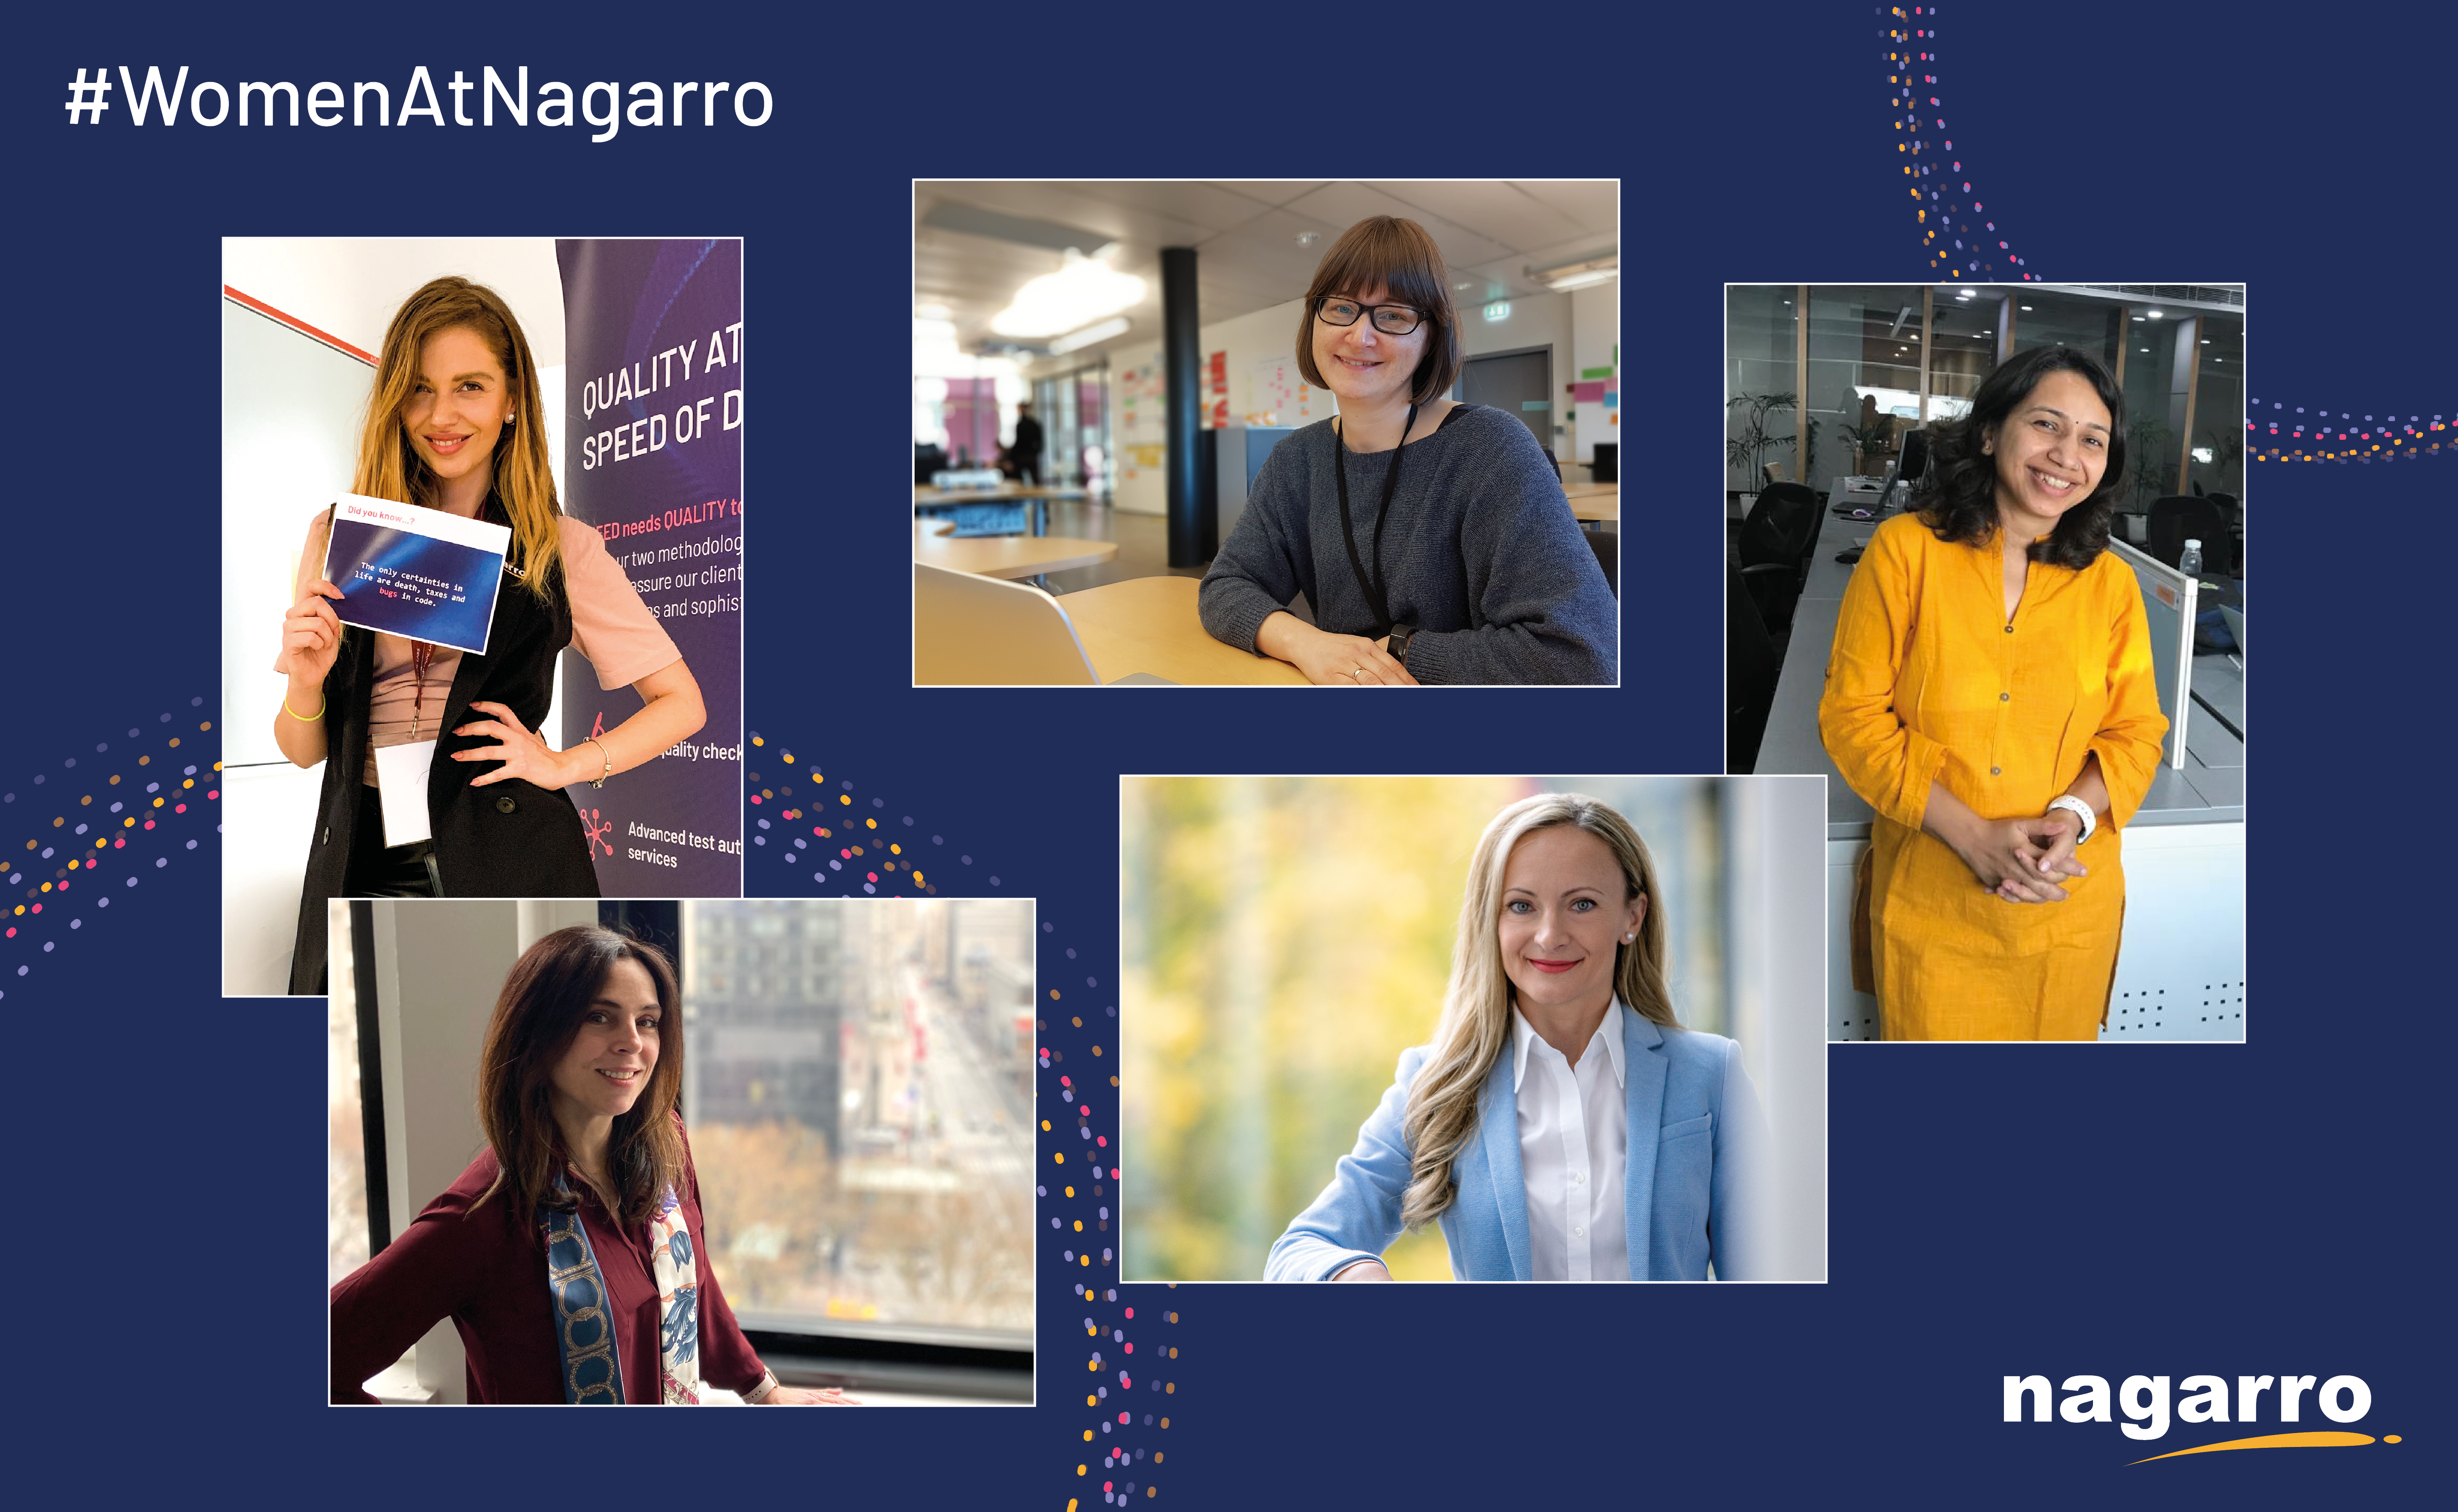 Women At Nagarro